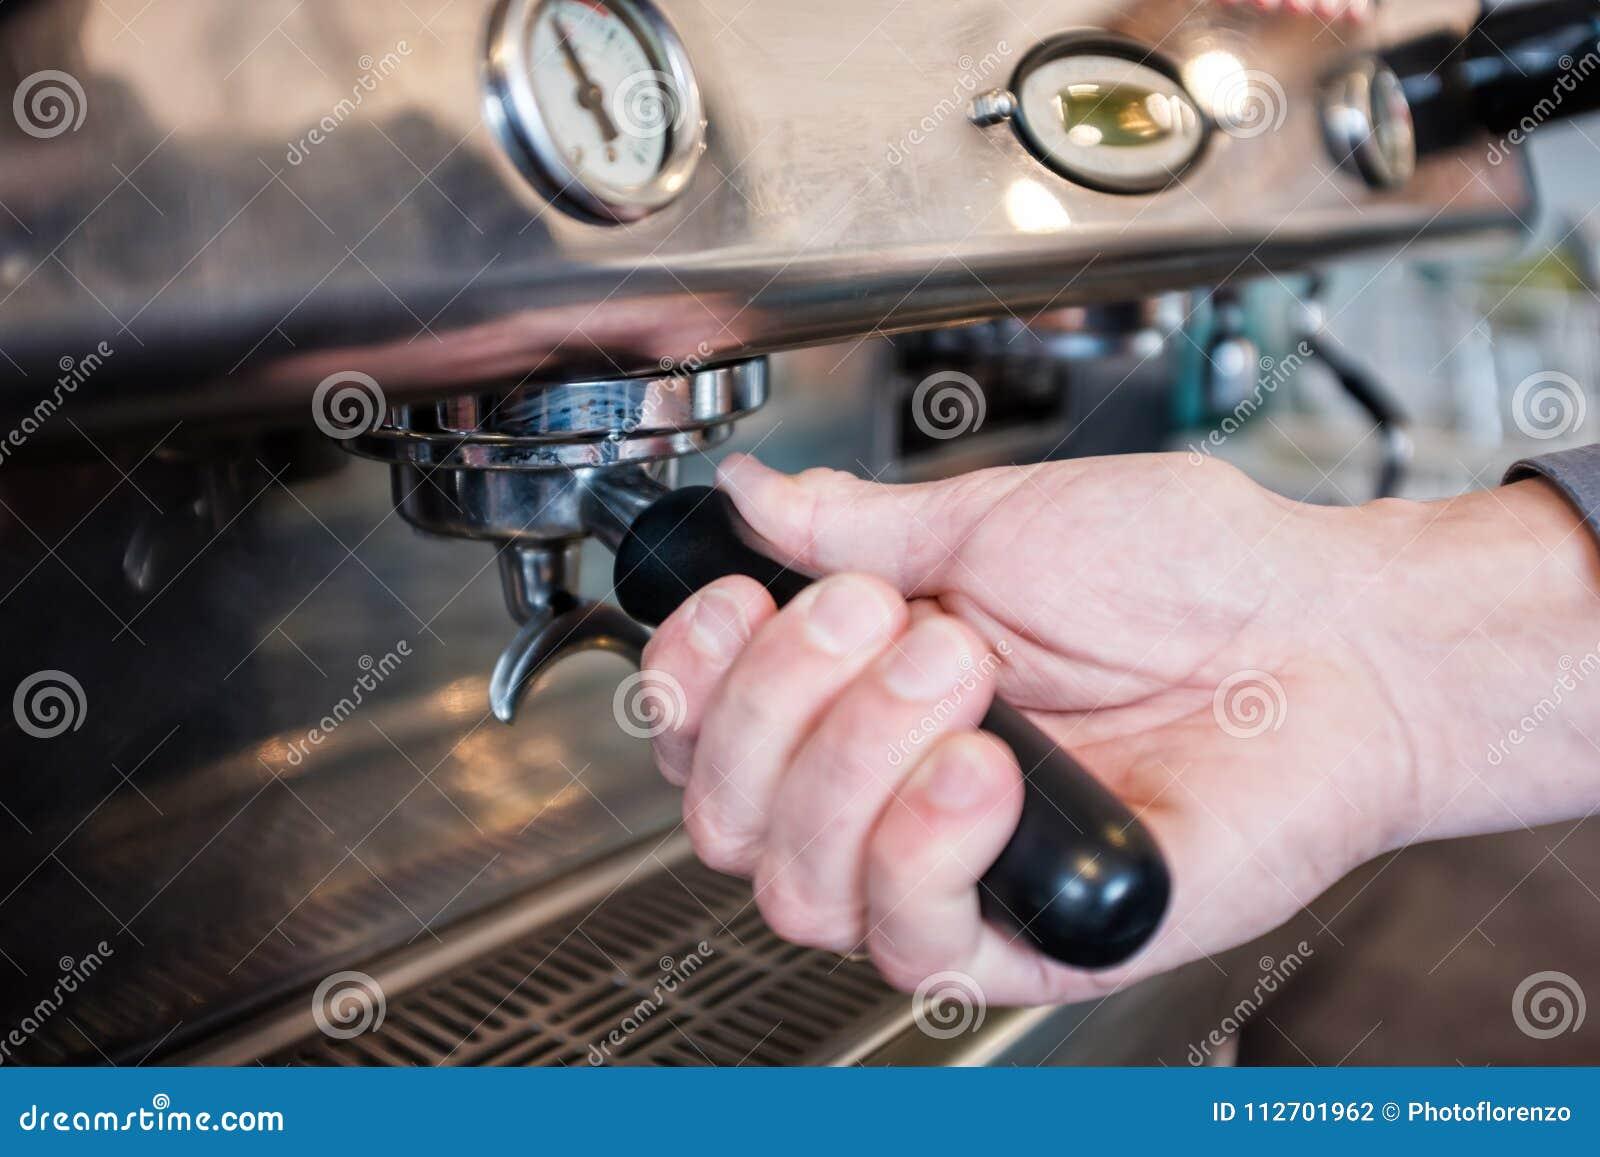 Barista que trava o portafilter com café no grouphead do café m